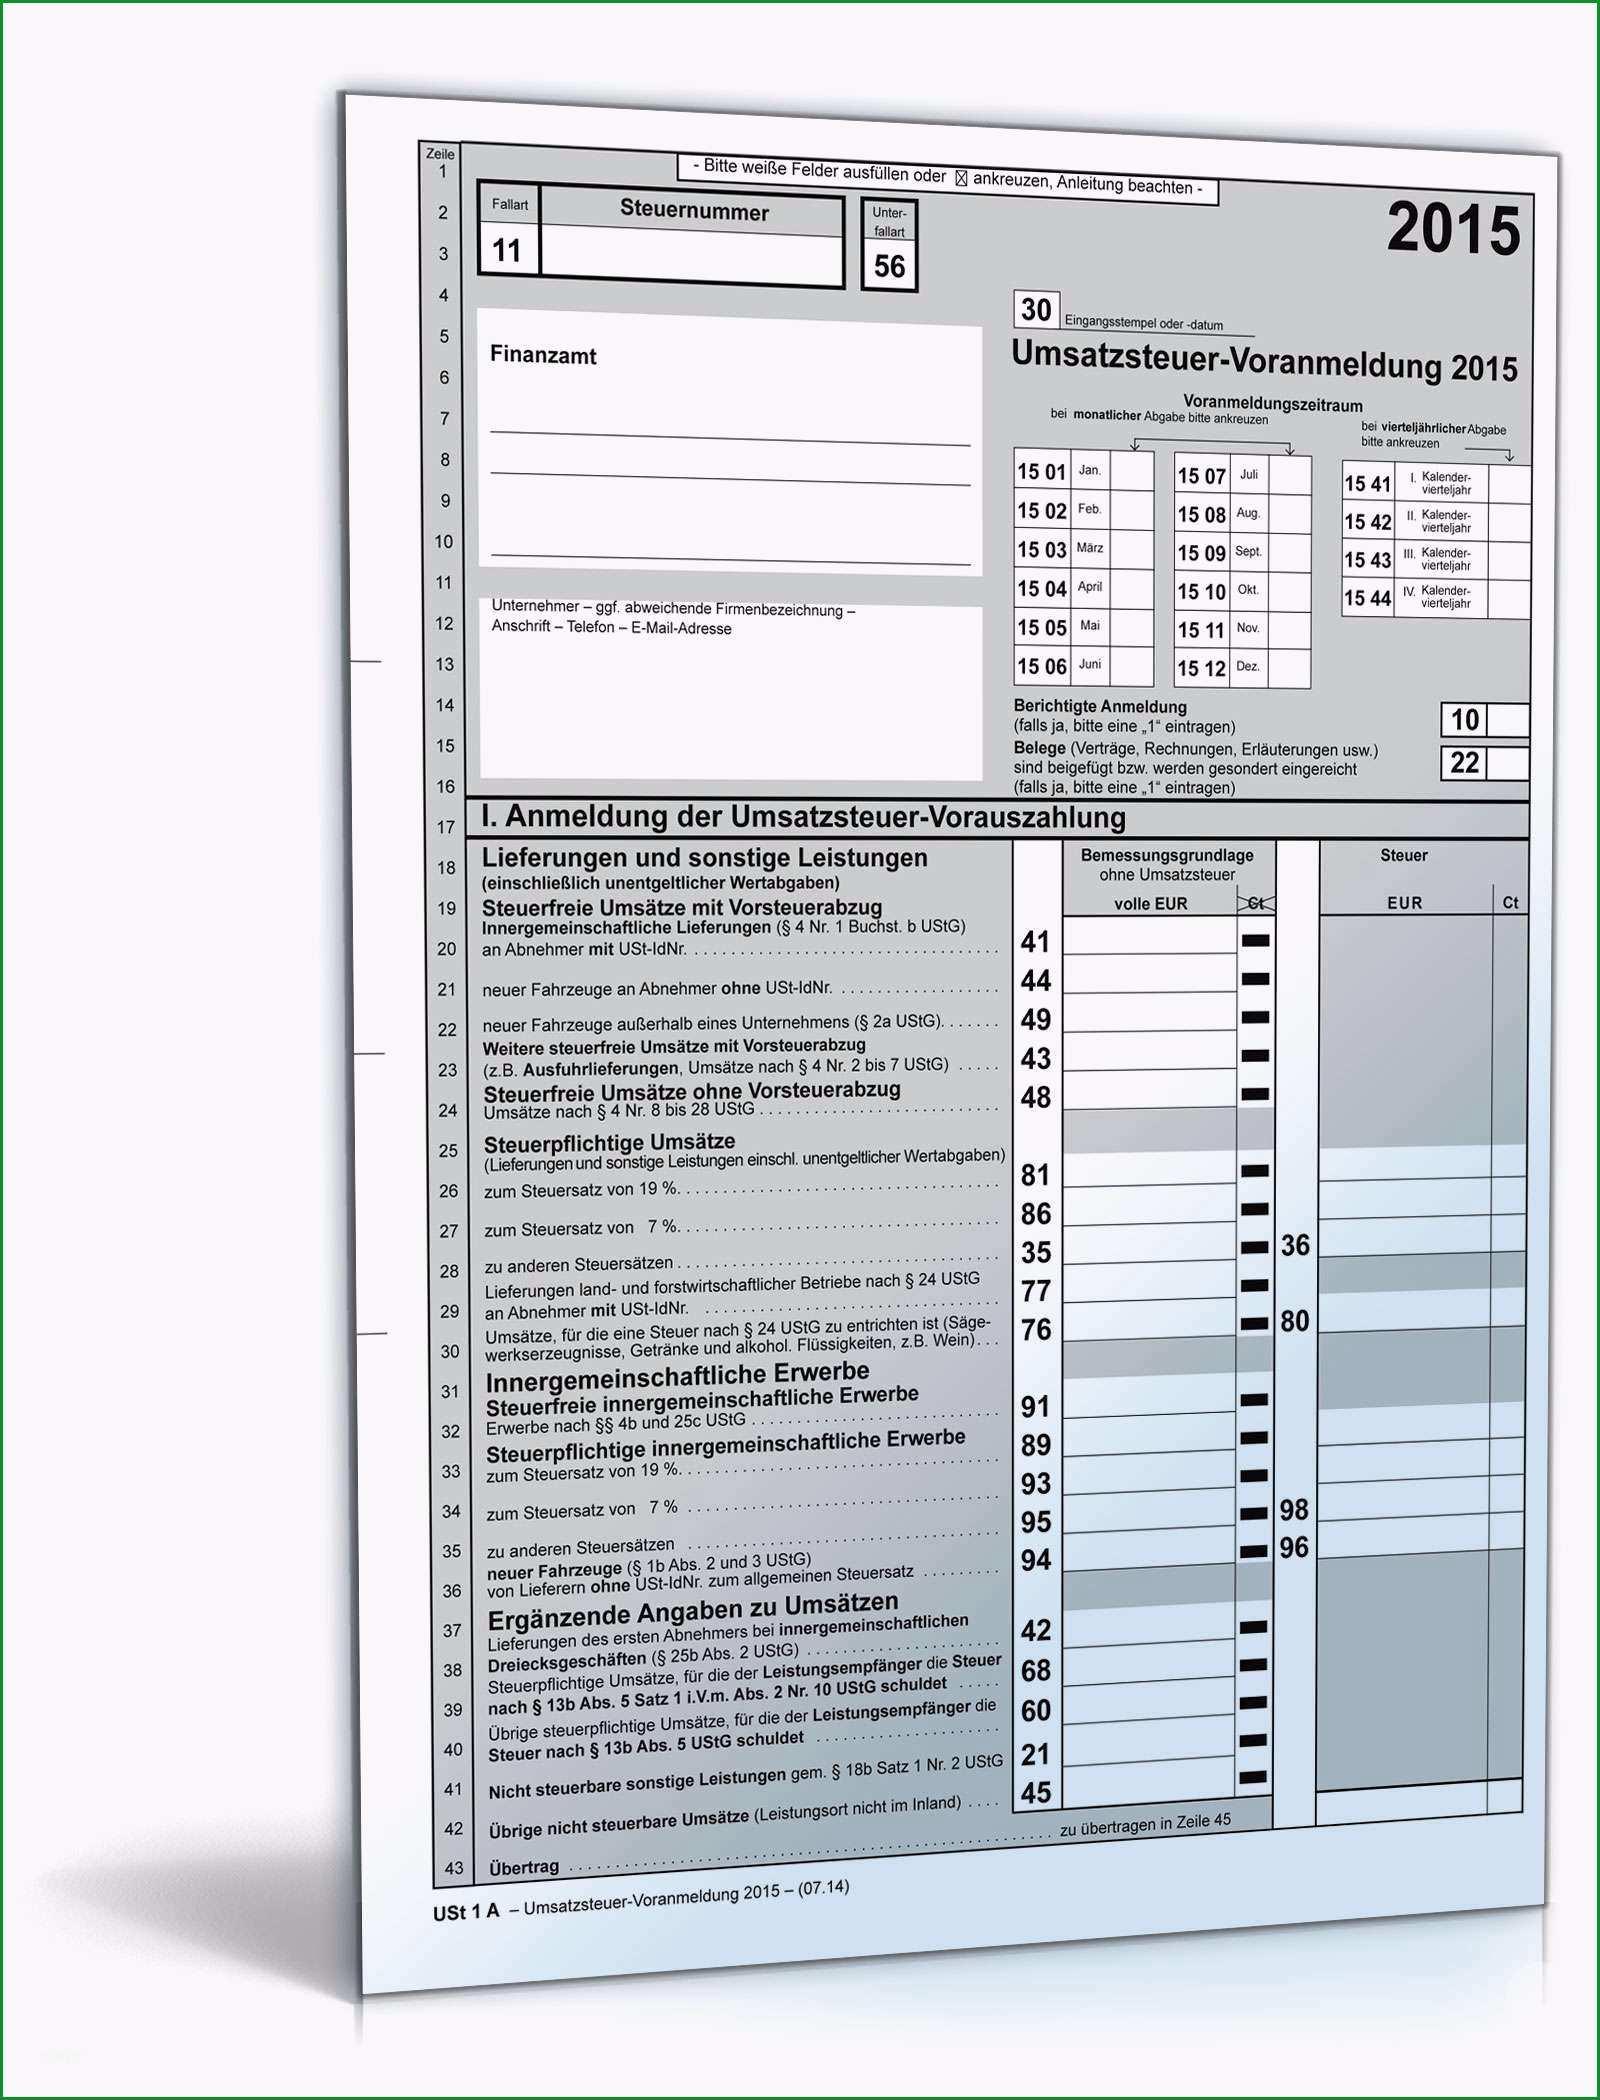 umsatzsteuer voranmeldung 2015